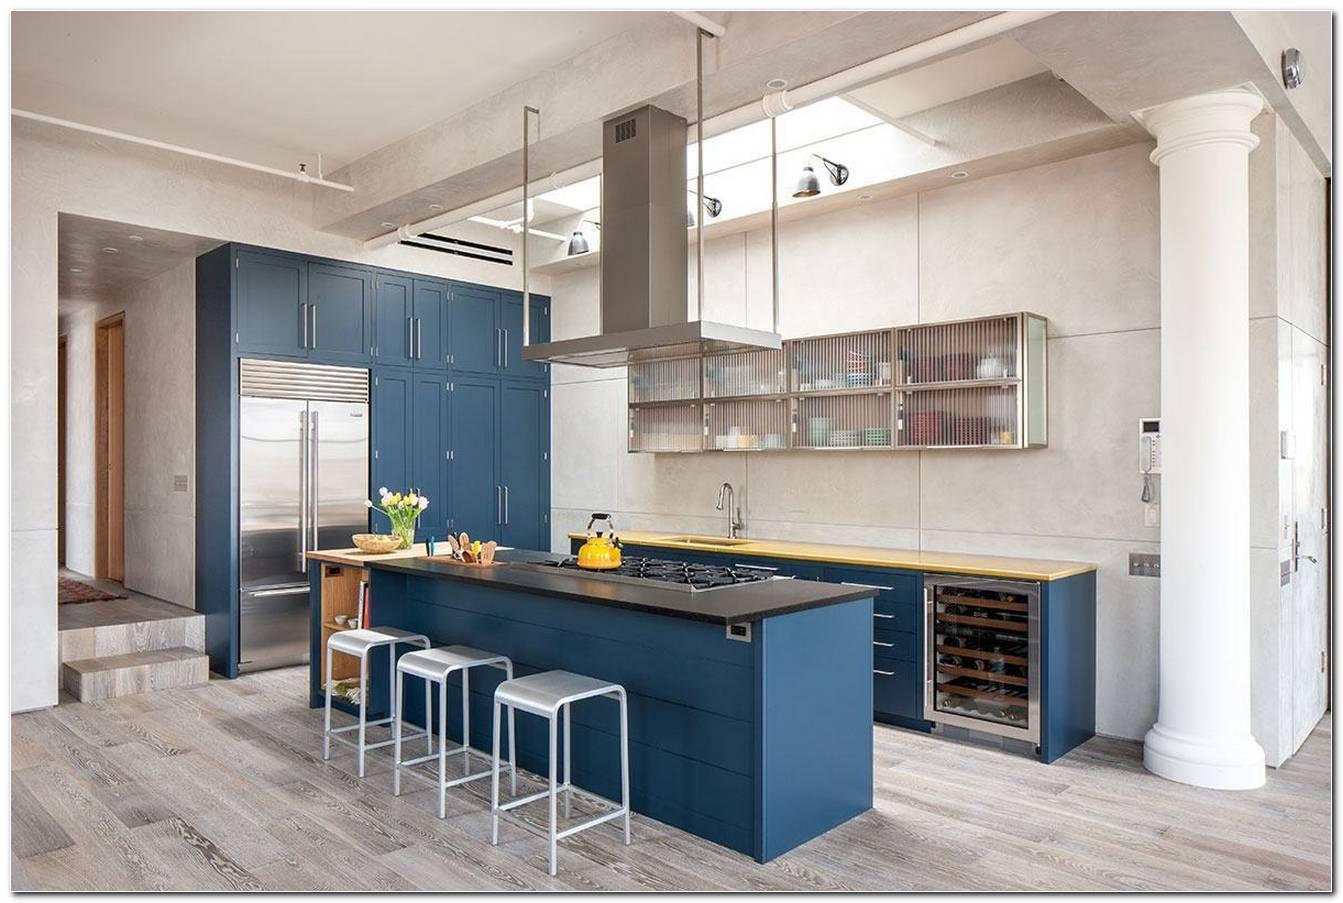 Cozinha Azul 40 Modelos Tons Fotos E Dicas